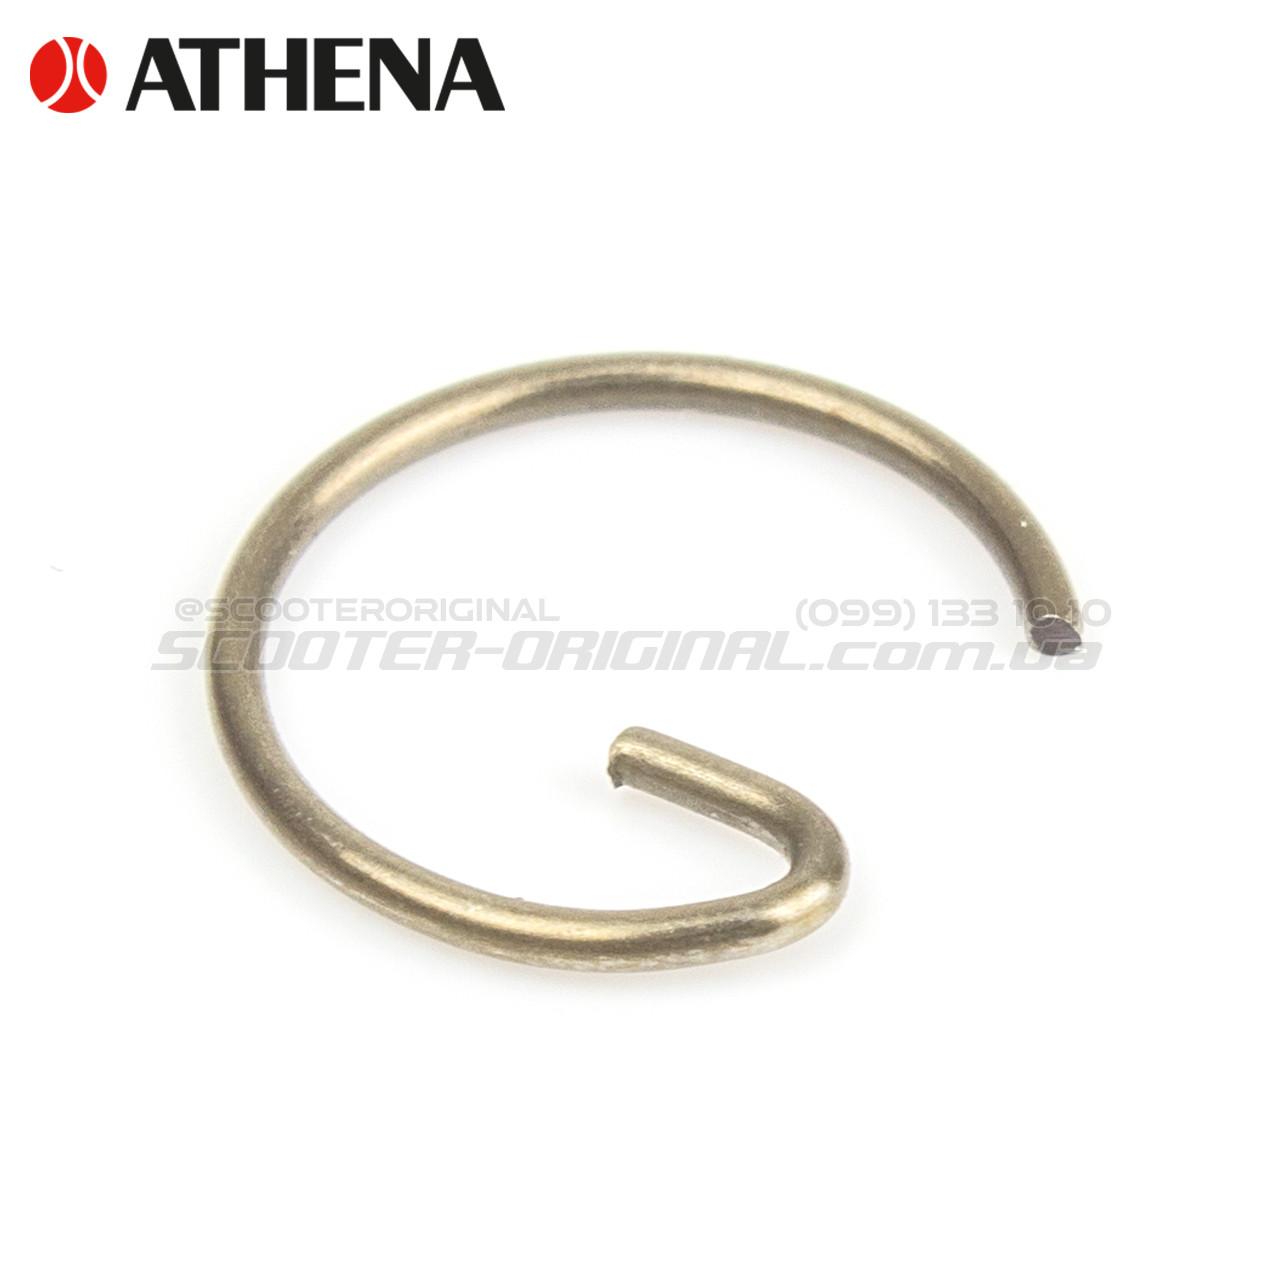 Стопорное кольцо ATHENA Ø 12 мм